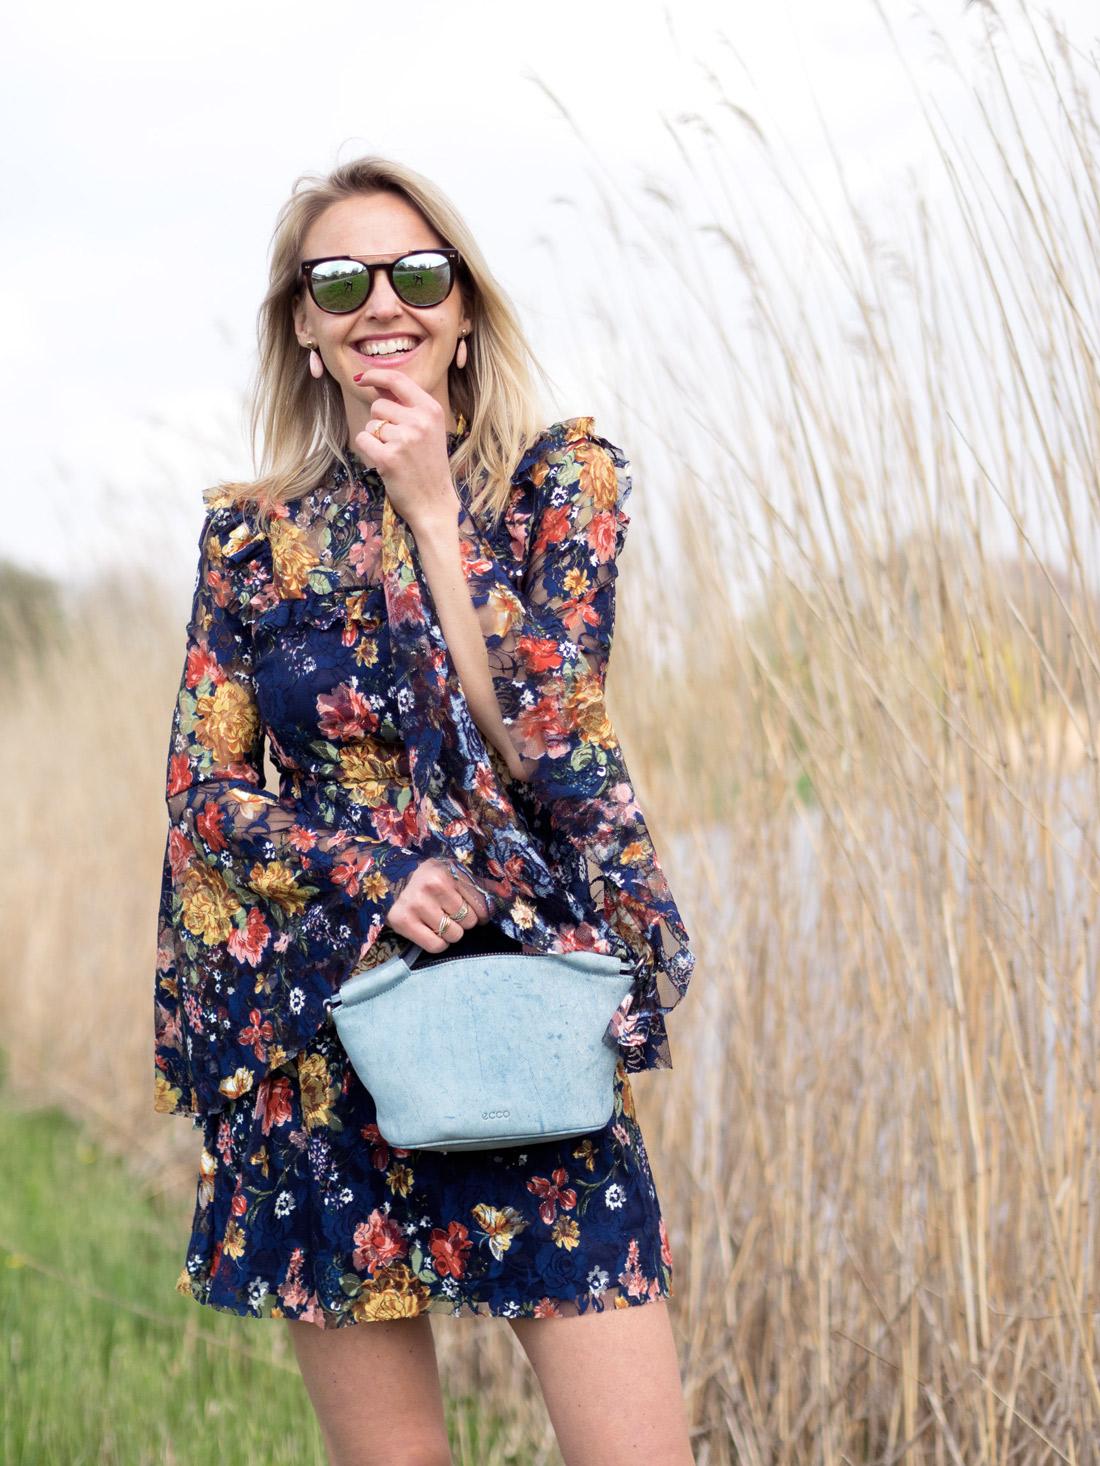 BAG-AT-YOU_Susanne_Bavinck_Bender_Blogger_Fashion_Amsterdam_By_Marinke_Davelaar-Ecco-Indigo-Doctors-Bag